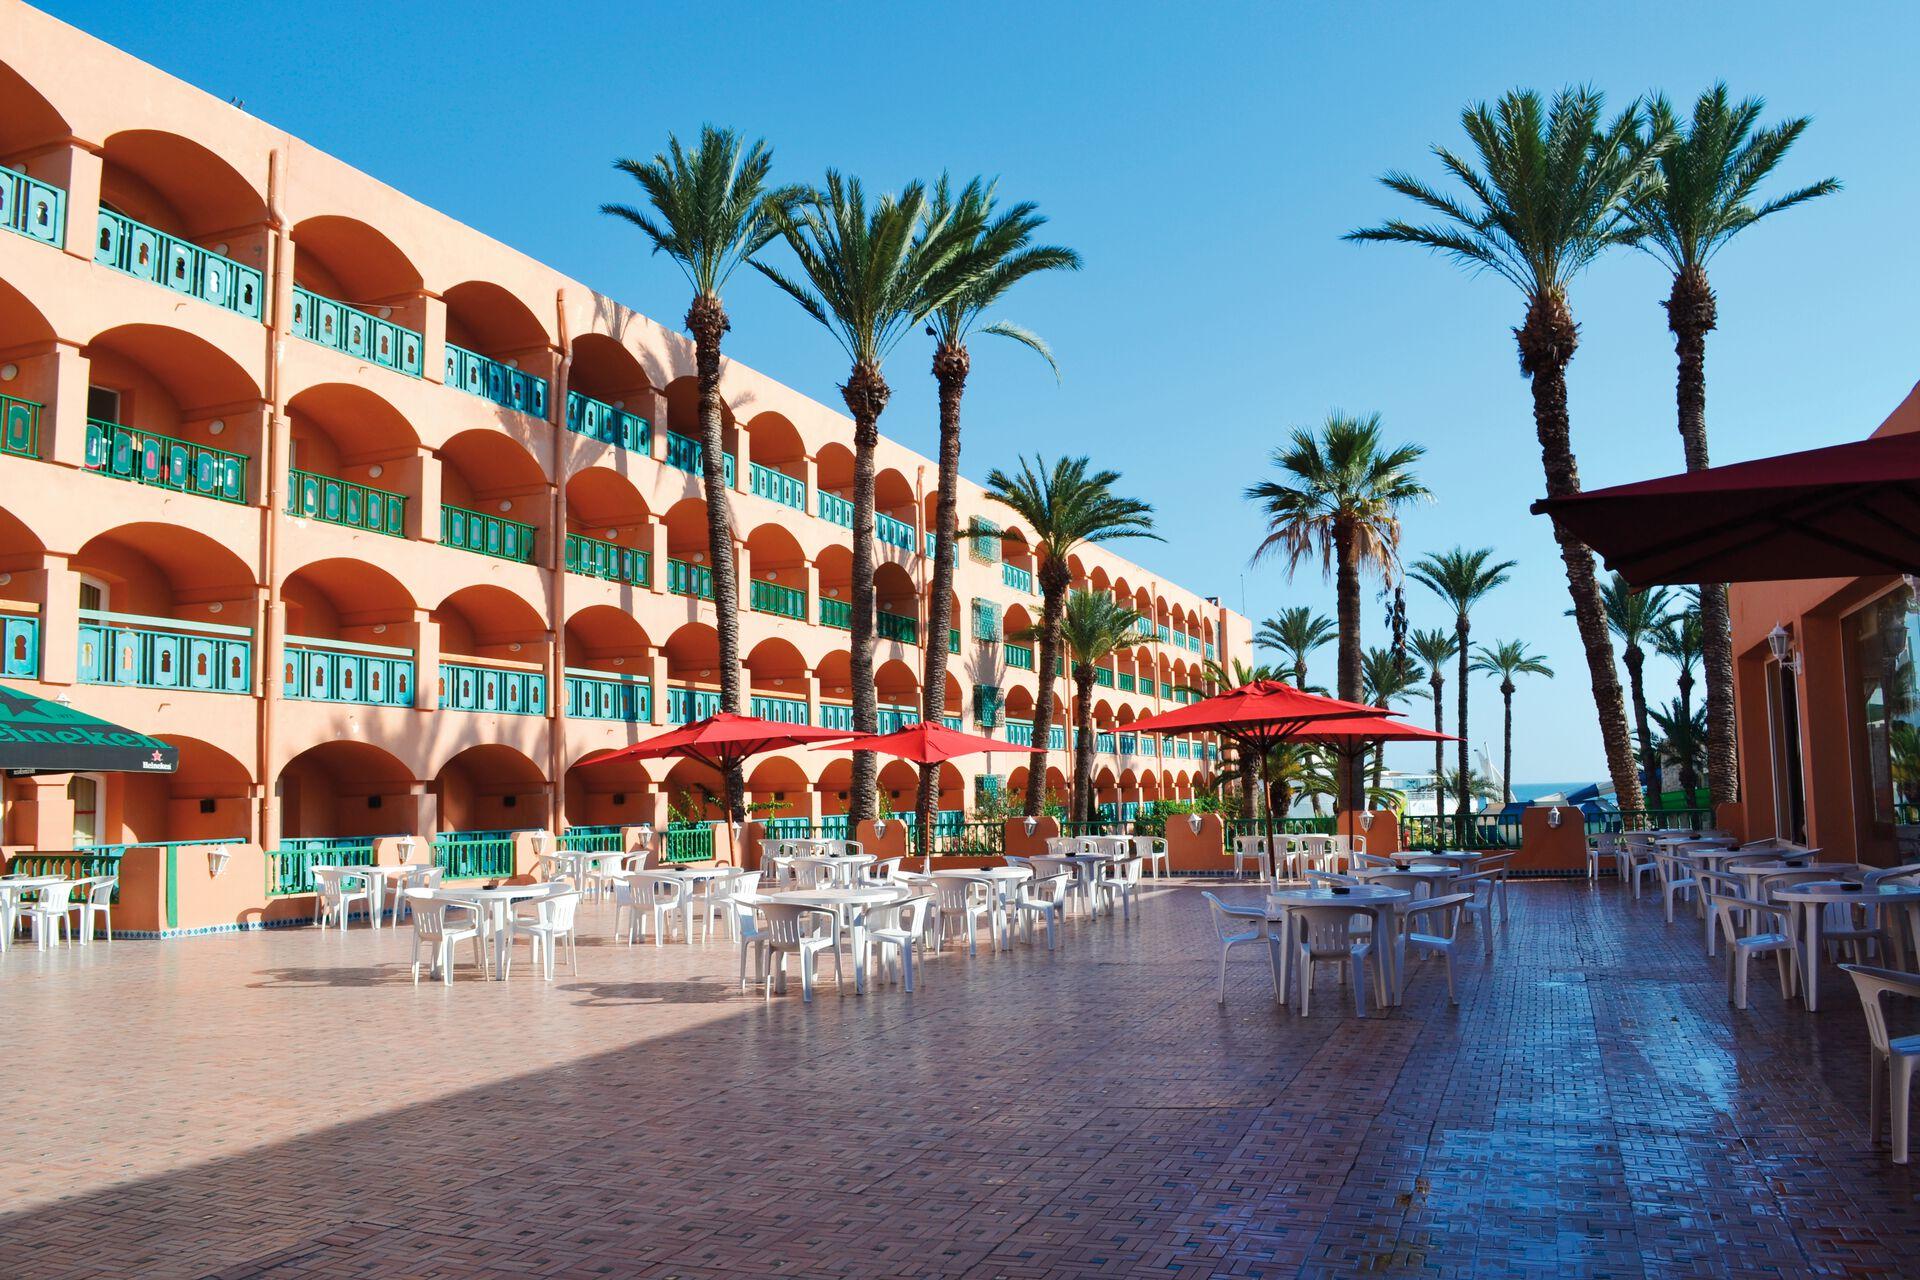 Tunisie - Sousse - Hôtel Marabout 3*